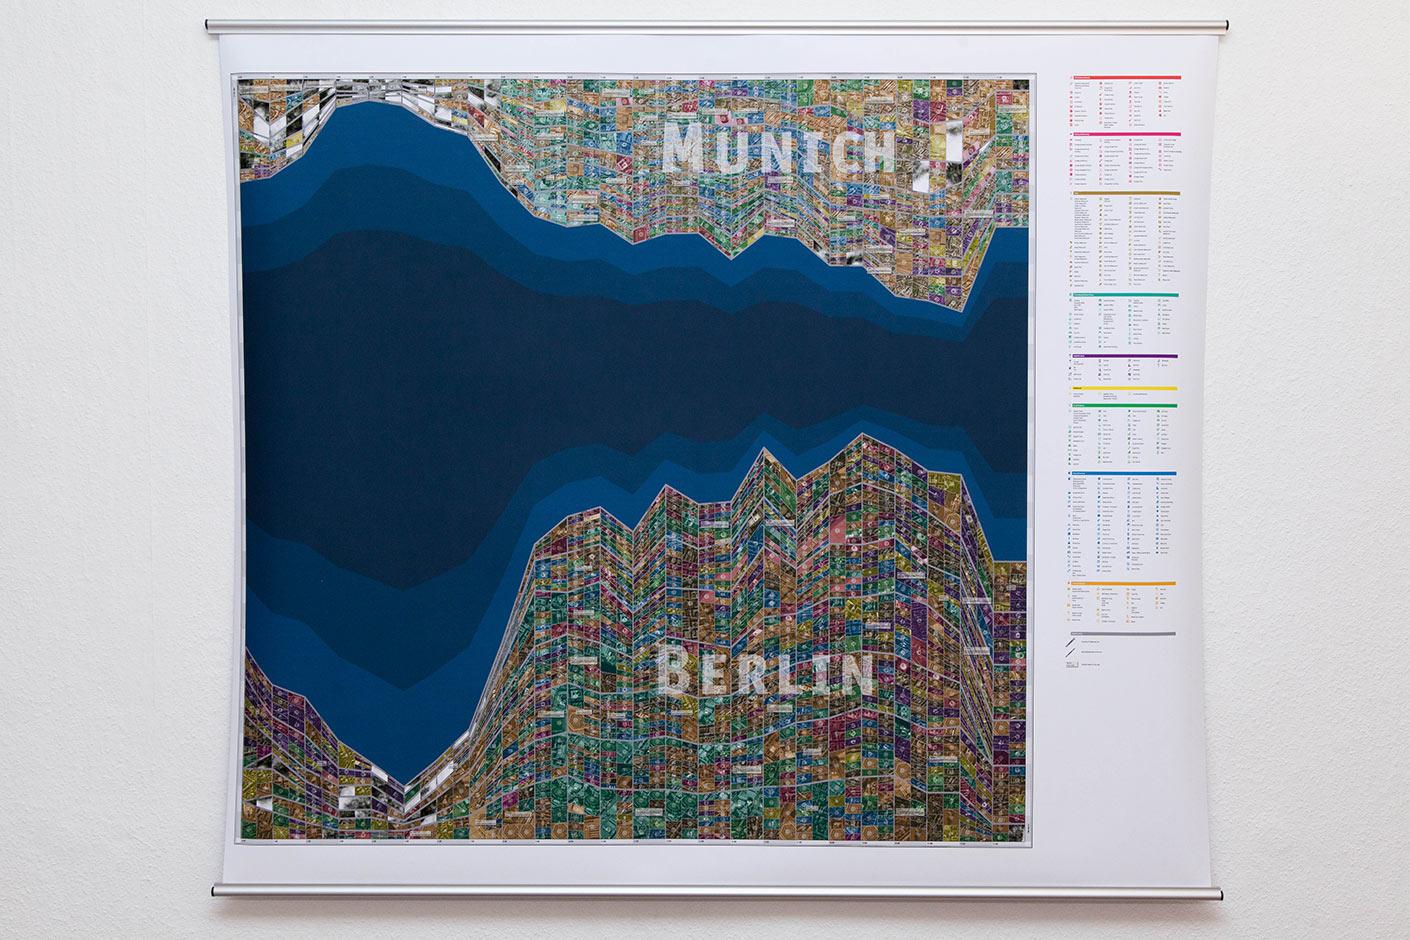 Gegenwärtige Stadtkartographie | Berlin - Munich